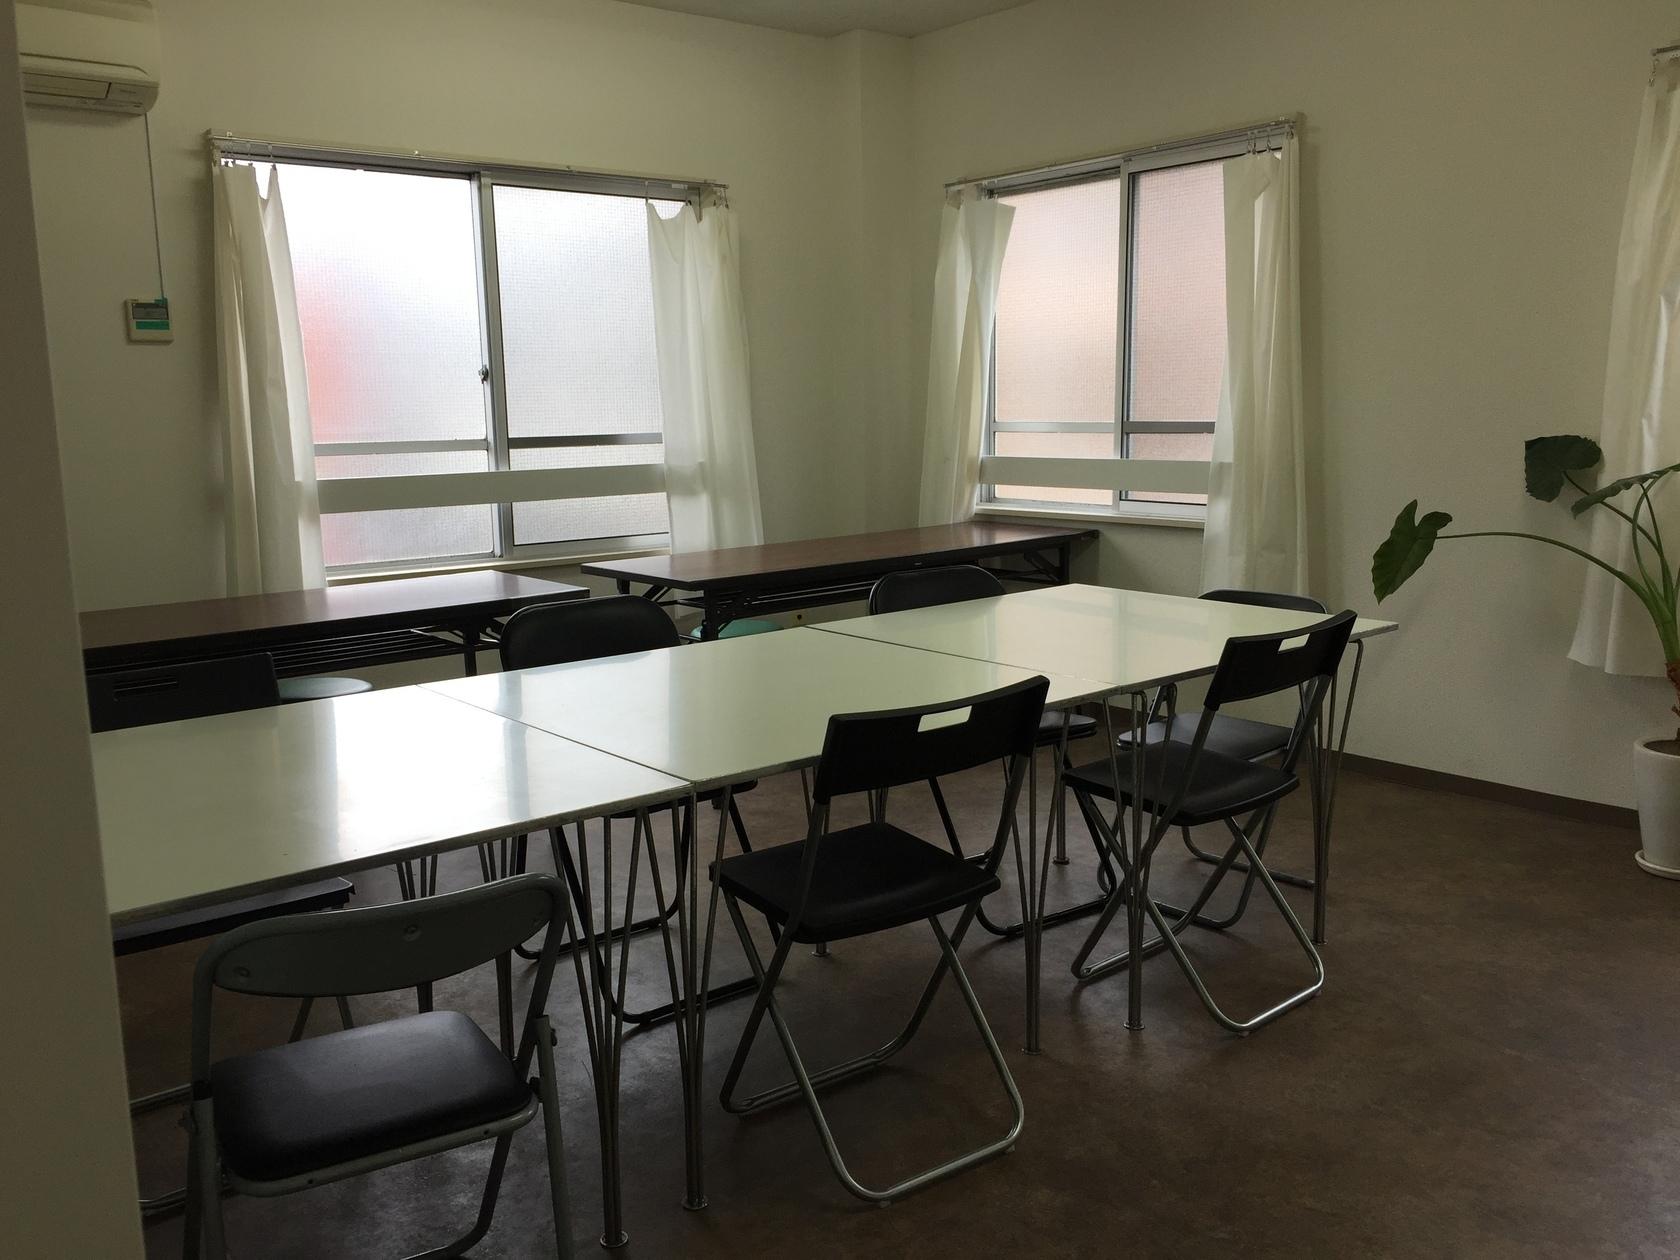 駅近くだが、とても静かな場所(②東京江東区(新宿,半蔵門線住吉駅3分)教室・ワークショップ・会議, wifi, 小キッチン) の写真0